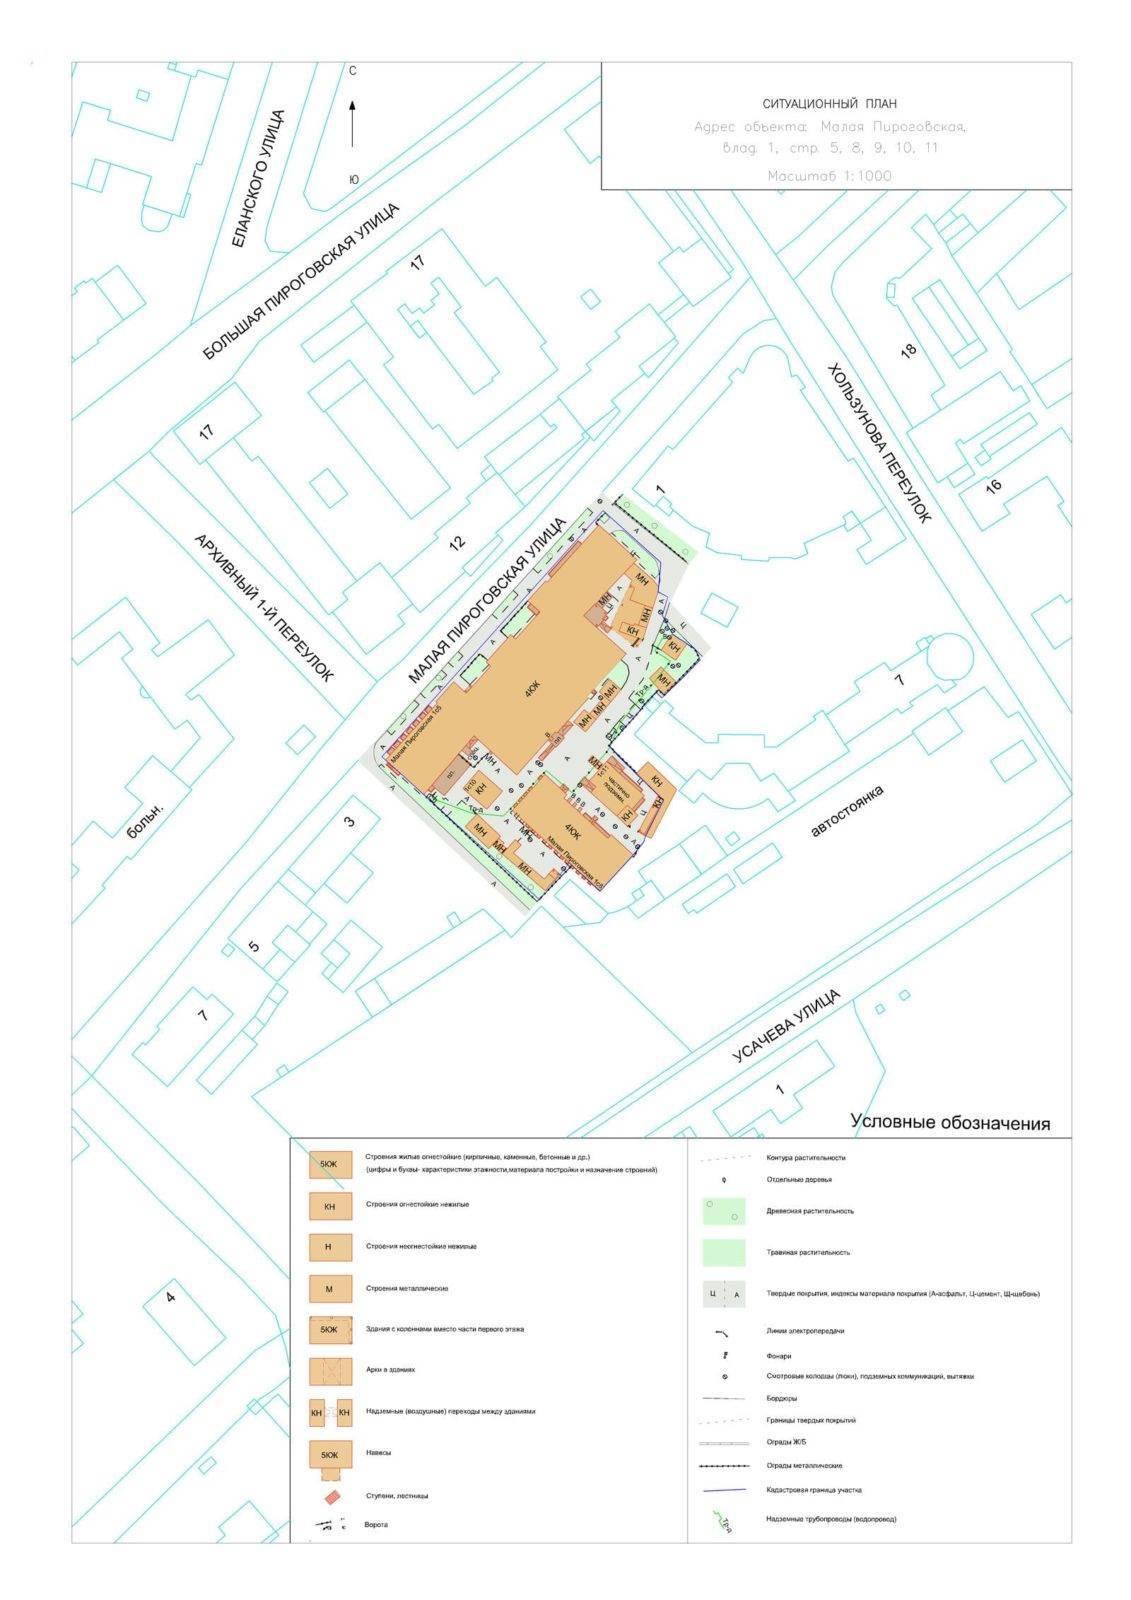 Нюансы оформления и утверждения схемы расположения земельного участка на кадастровом плане территории